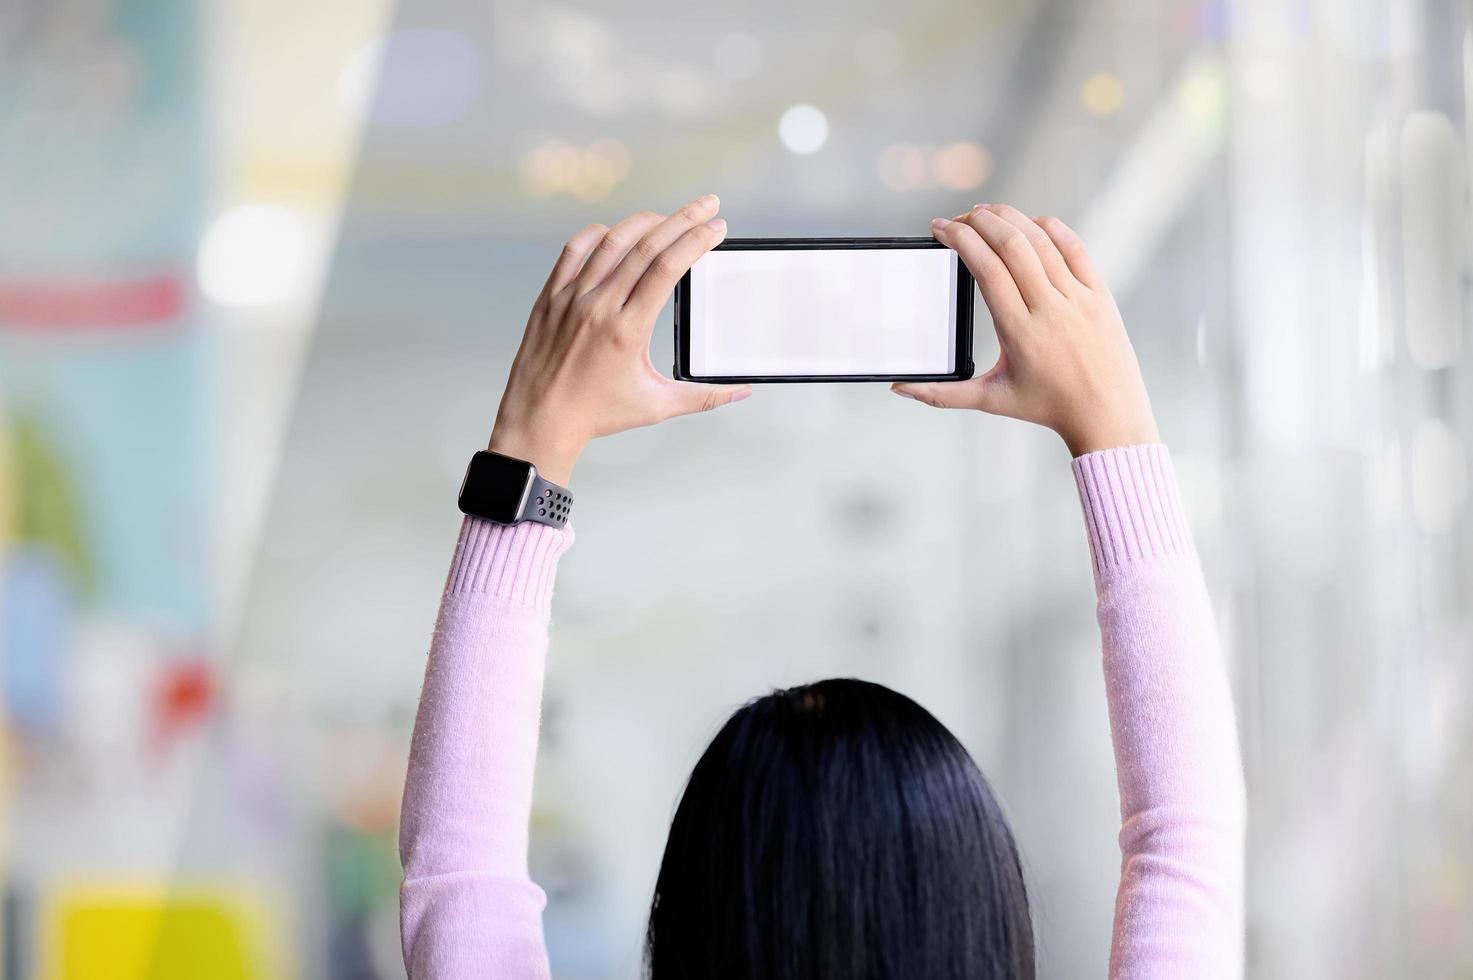 vrouwelijke hand met slimme telefoon foto